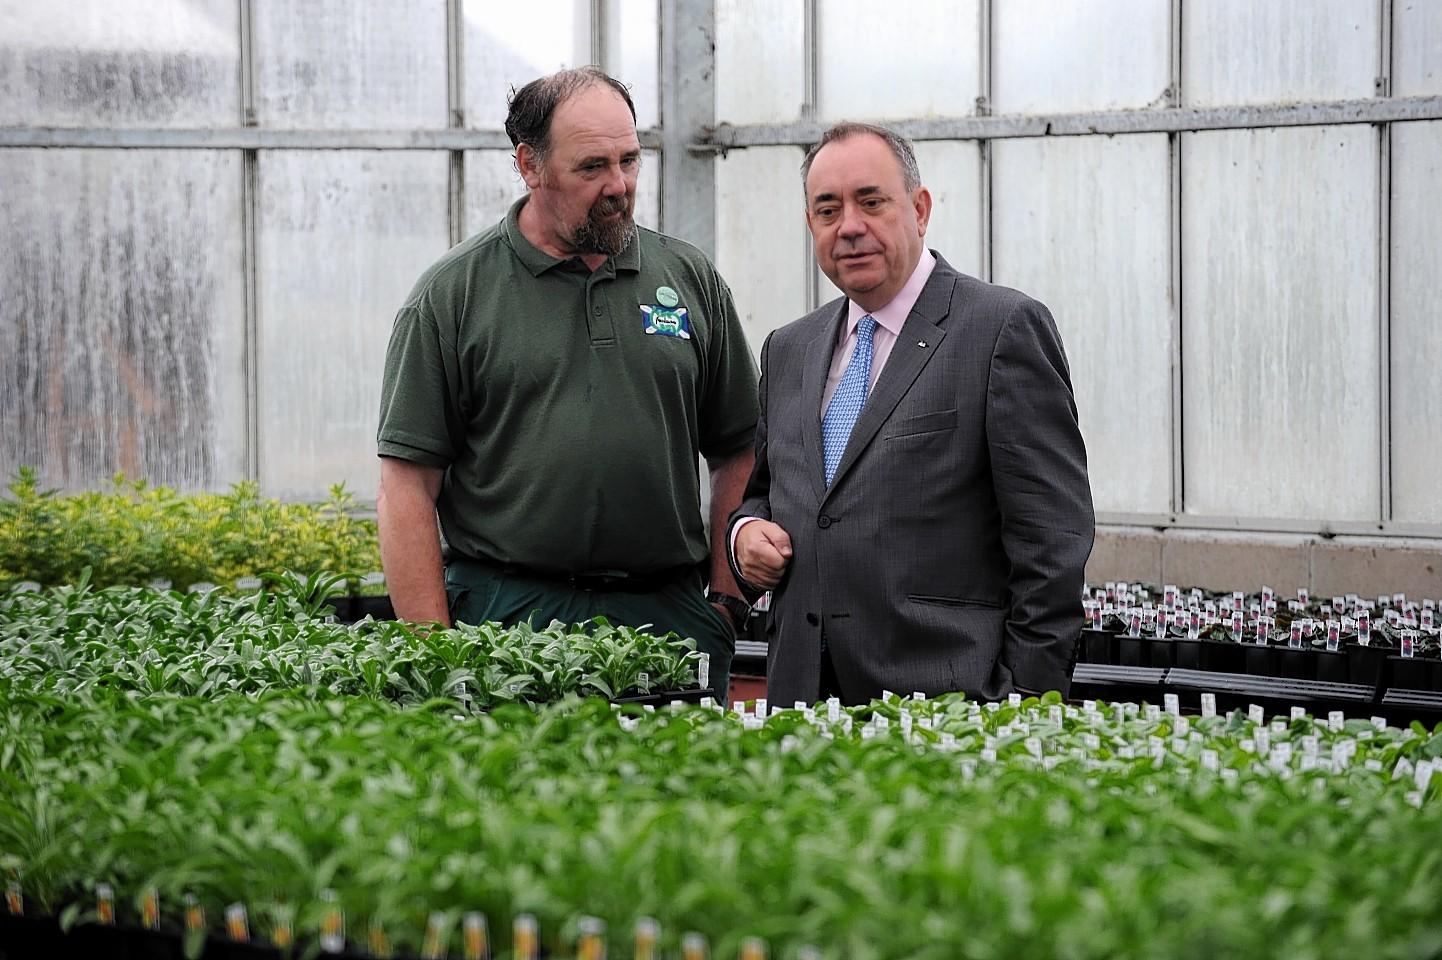 Alex Salmond at Foxlane garden Centre, with owner Gordon Henderson